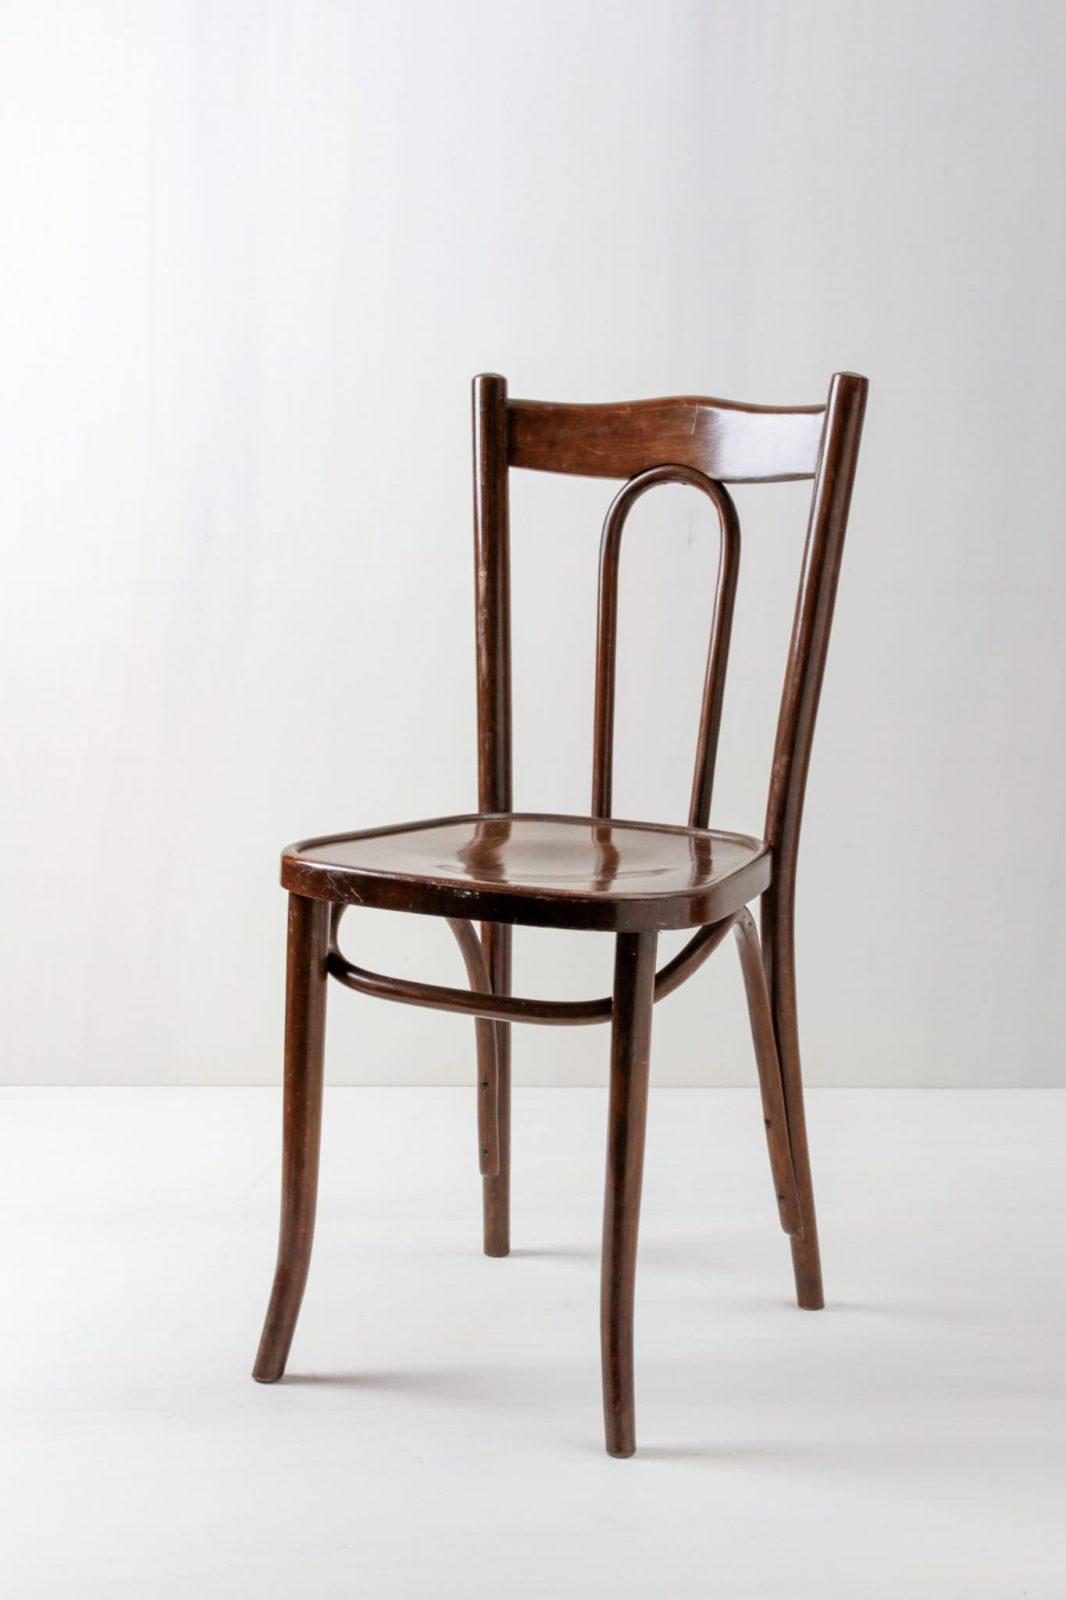 Thonet Holzstuhl Julio | Dunkler Thonet Stuhl, sehr schön aufgearbeitet.Sehr schöne, klassische Lehne. | gotvintage Rental & Event Design